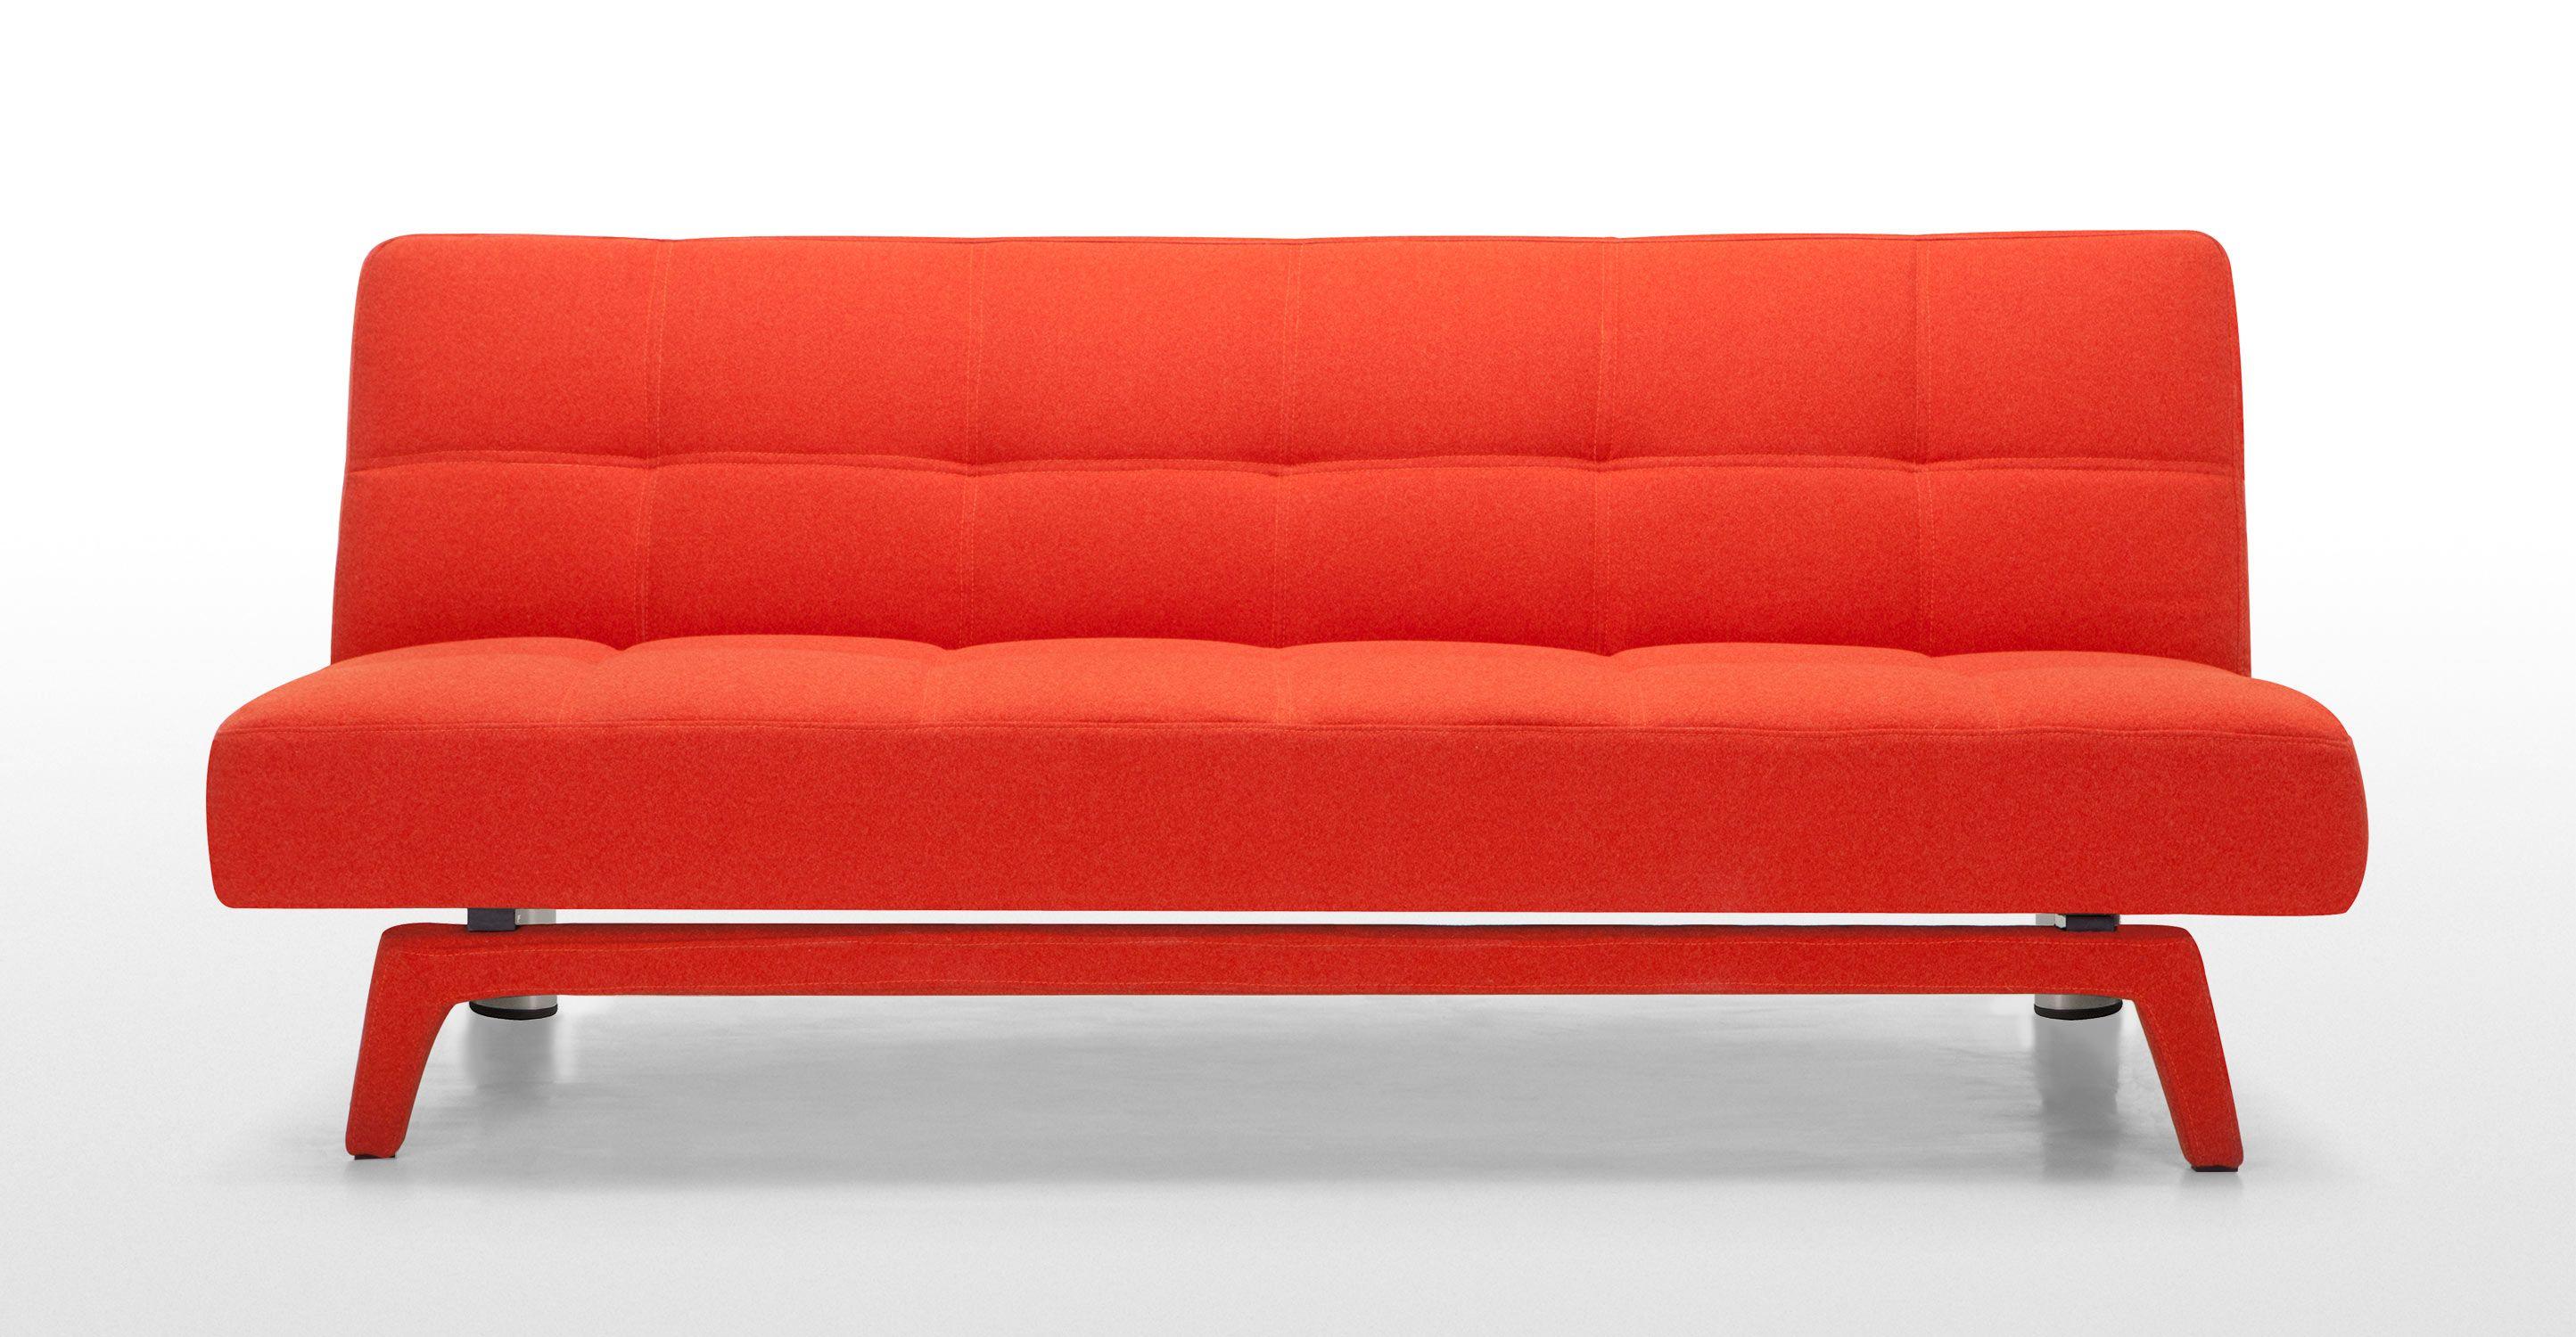 yoko sofa bed in saffron orange sofa chair pinterest orange rh pinterest co uk